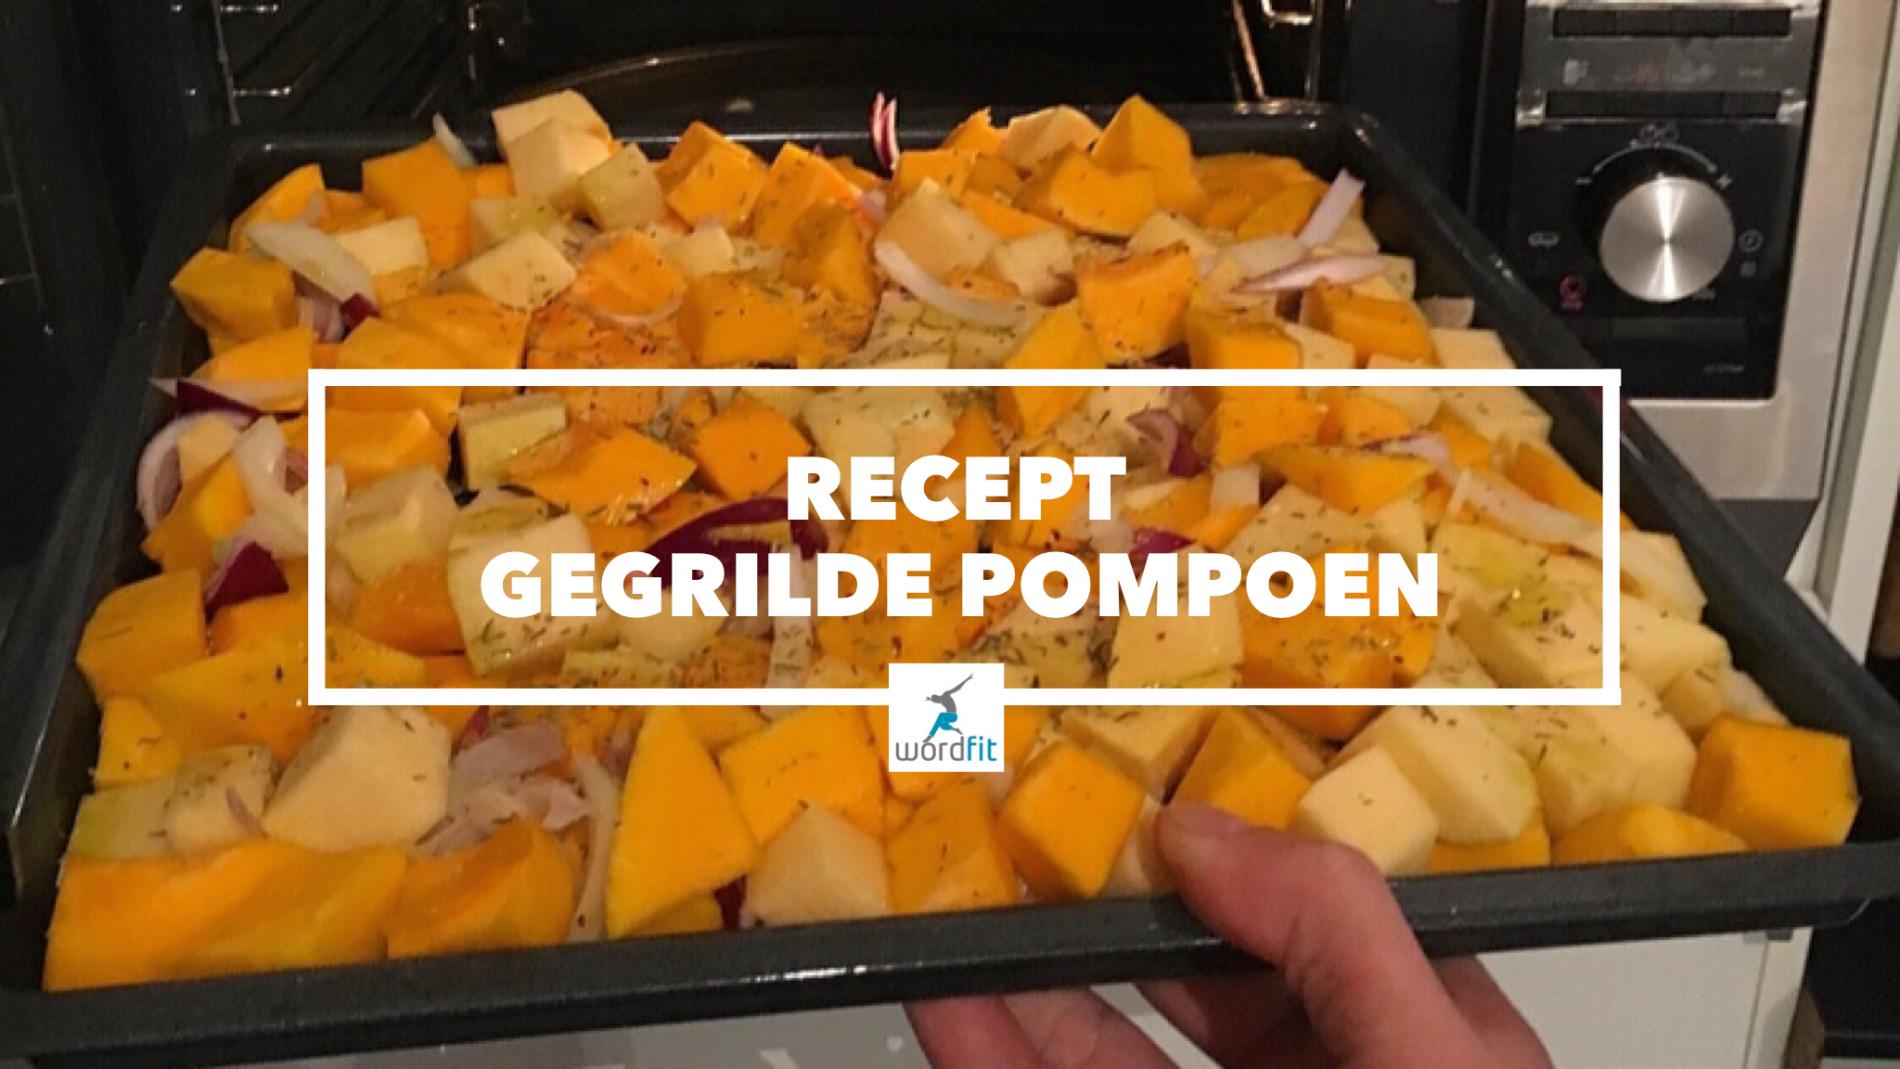 Recept gegrilde pompoen WordFit Gezond leren eten